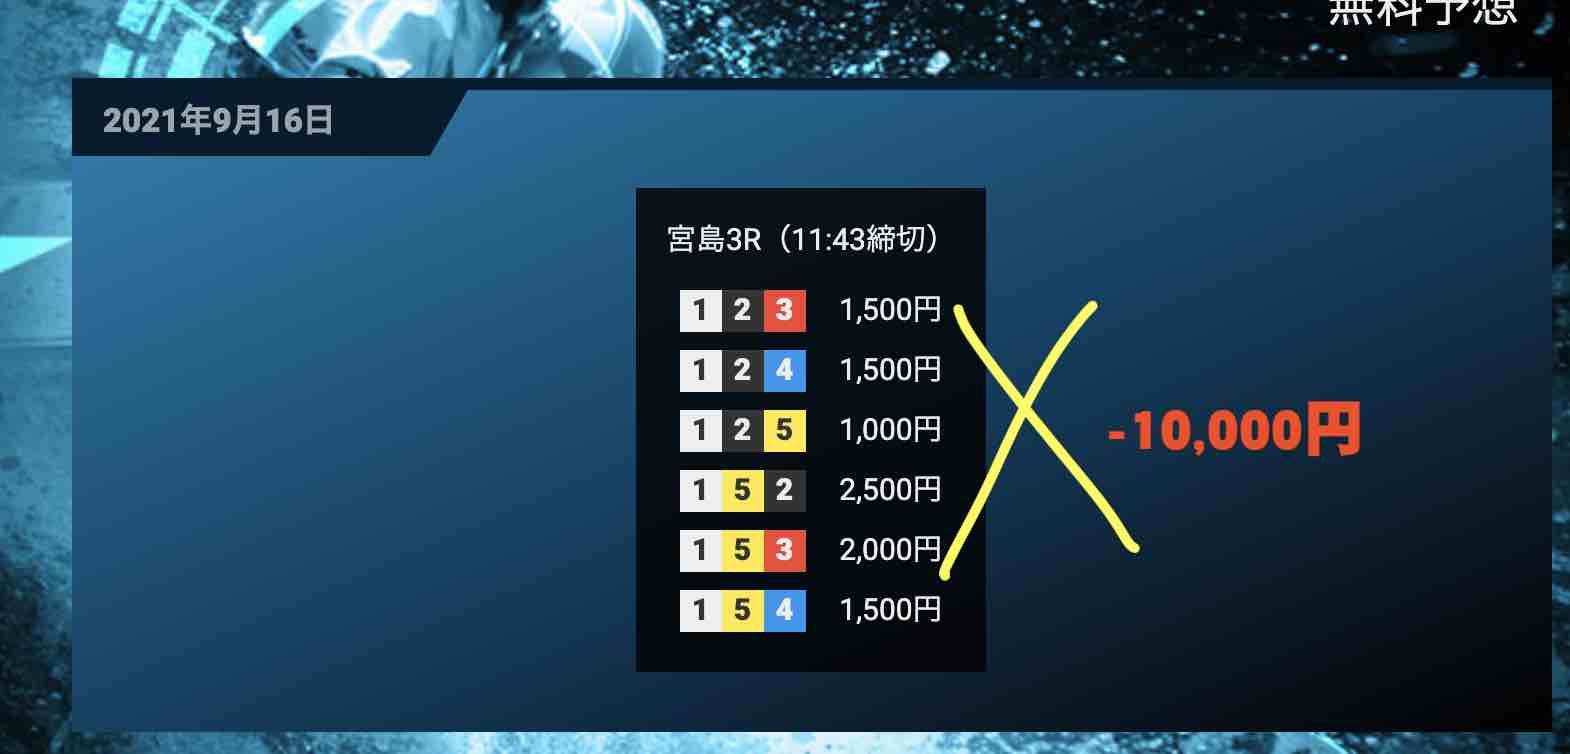 競艇ロックオンという競艇予想サイトの無料予想の抜き打ち検証